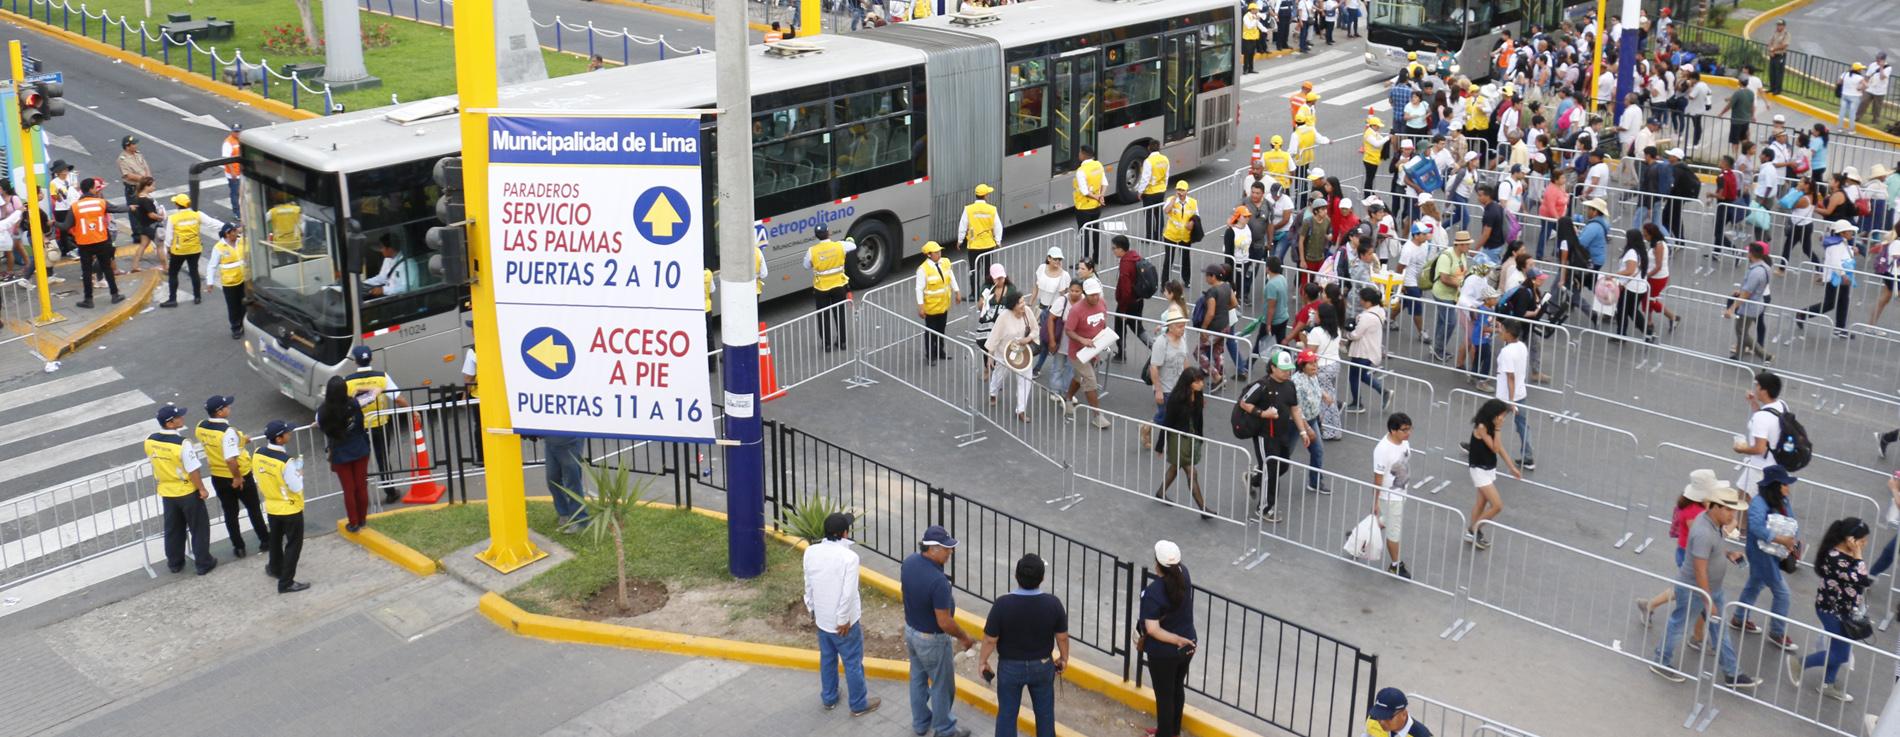 CABECERA DE PAGINA WEB PRINCIPAL